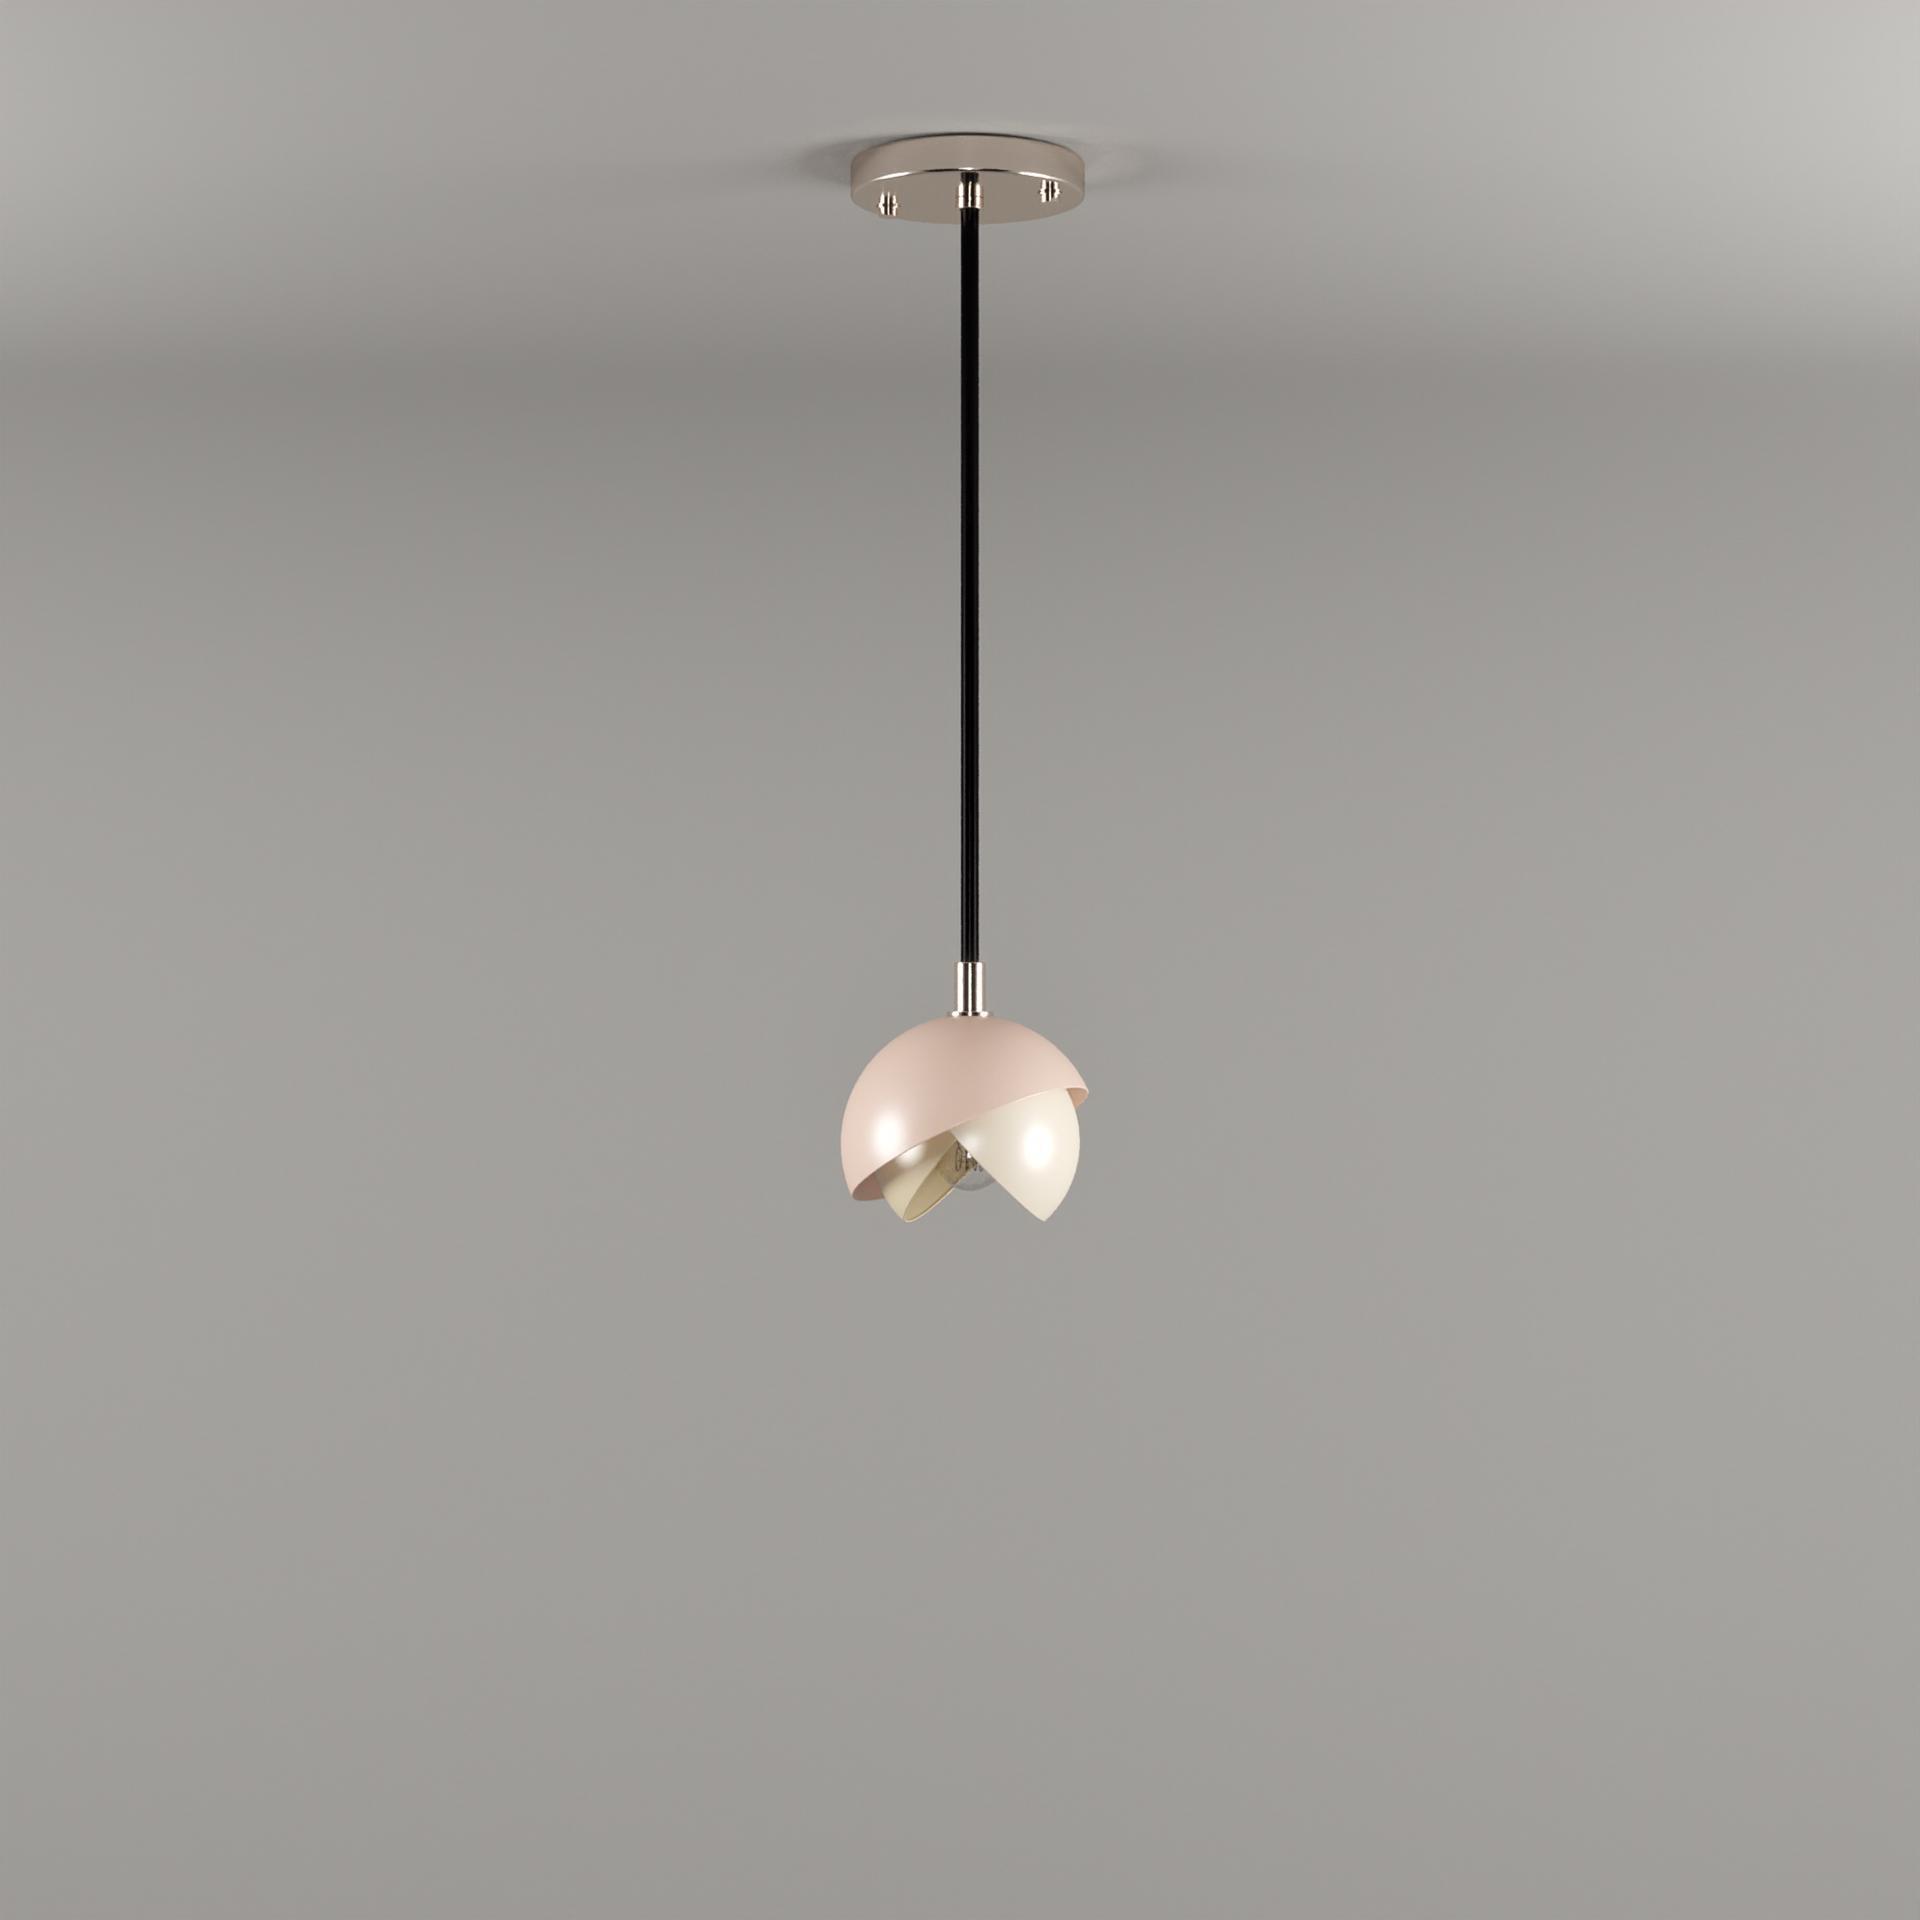 Living room lighting cm11